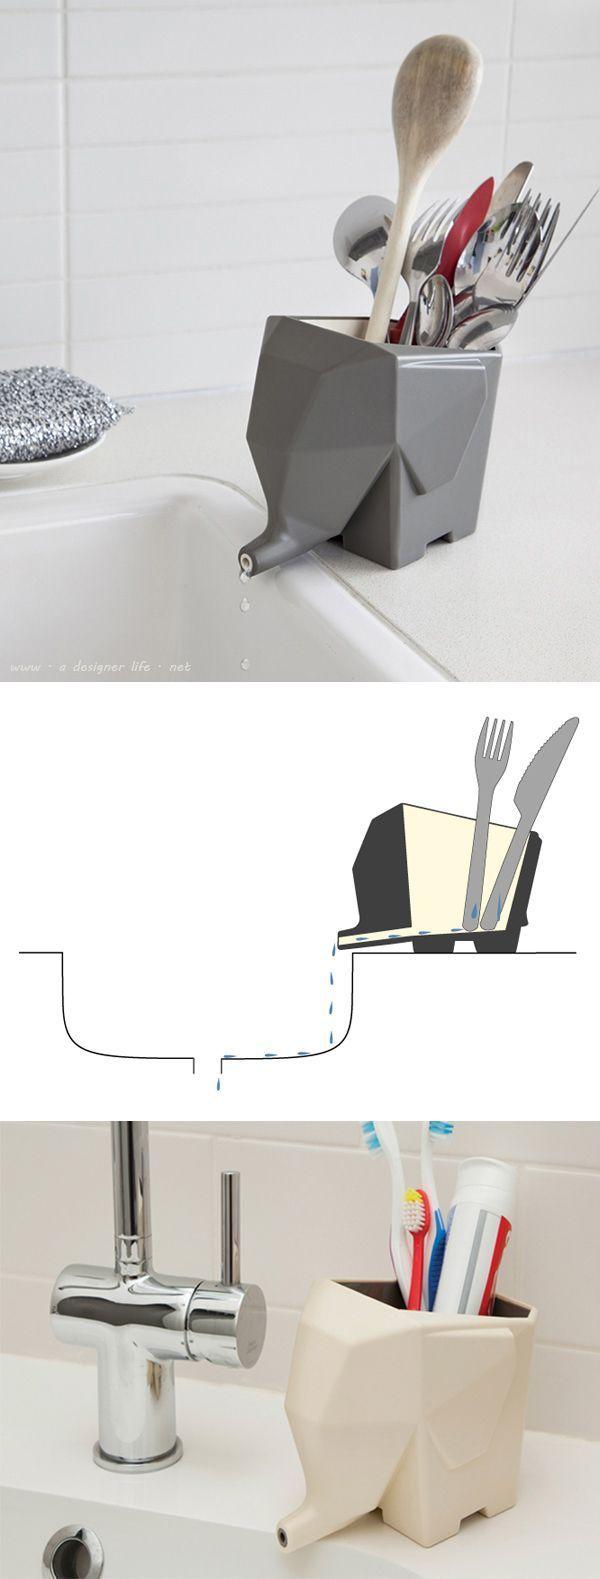 Les 25 meilleures id es de la cat gorie porte ustensiles sur pinterest porte ustensiles de for Accessoire cuisine design